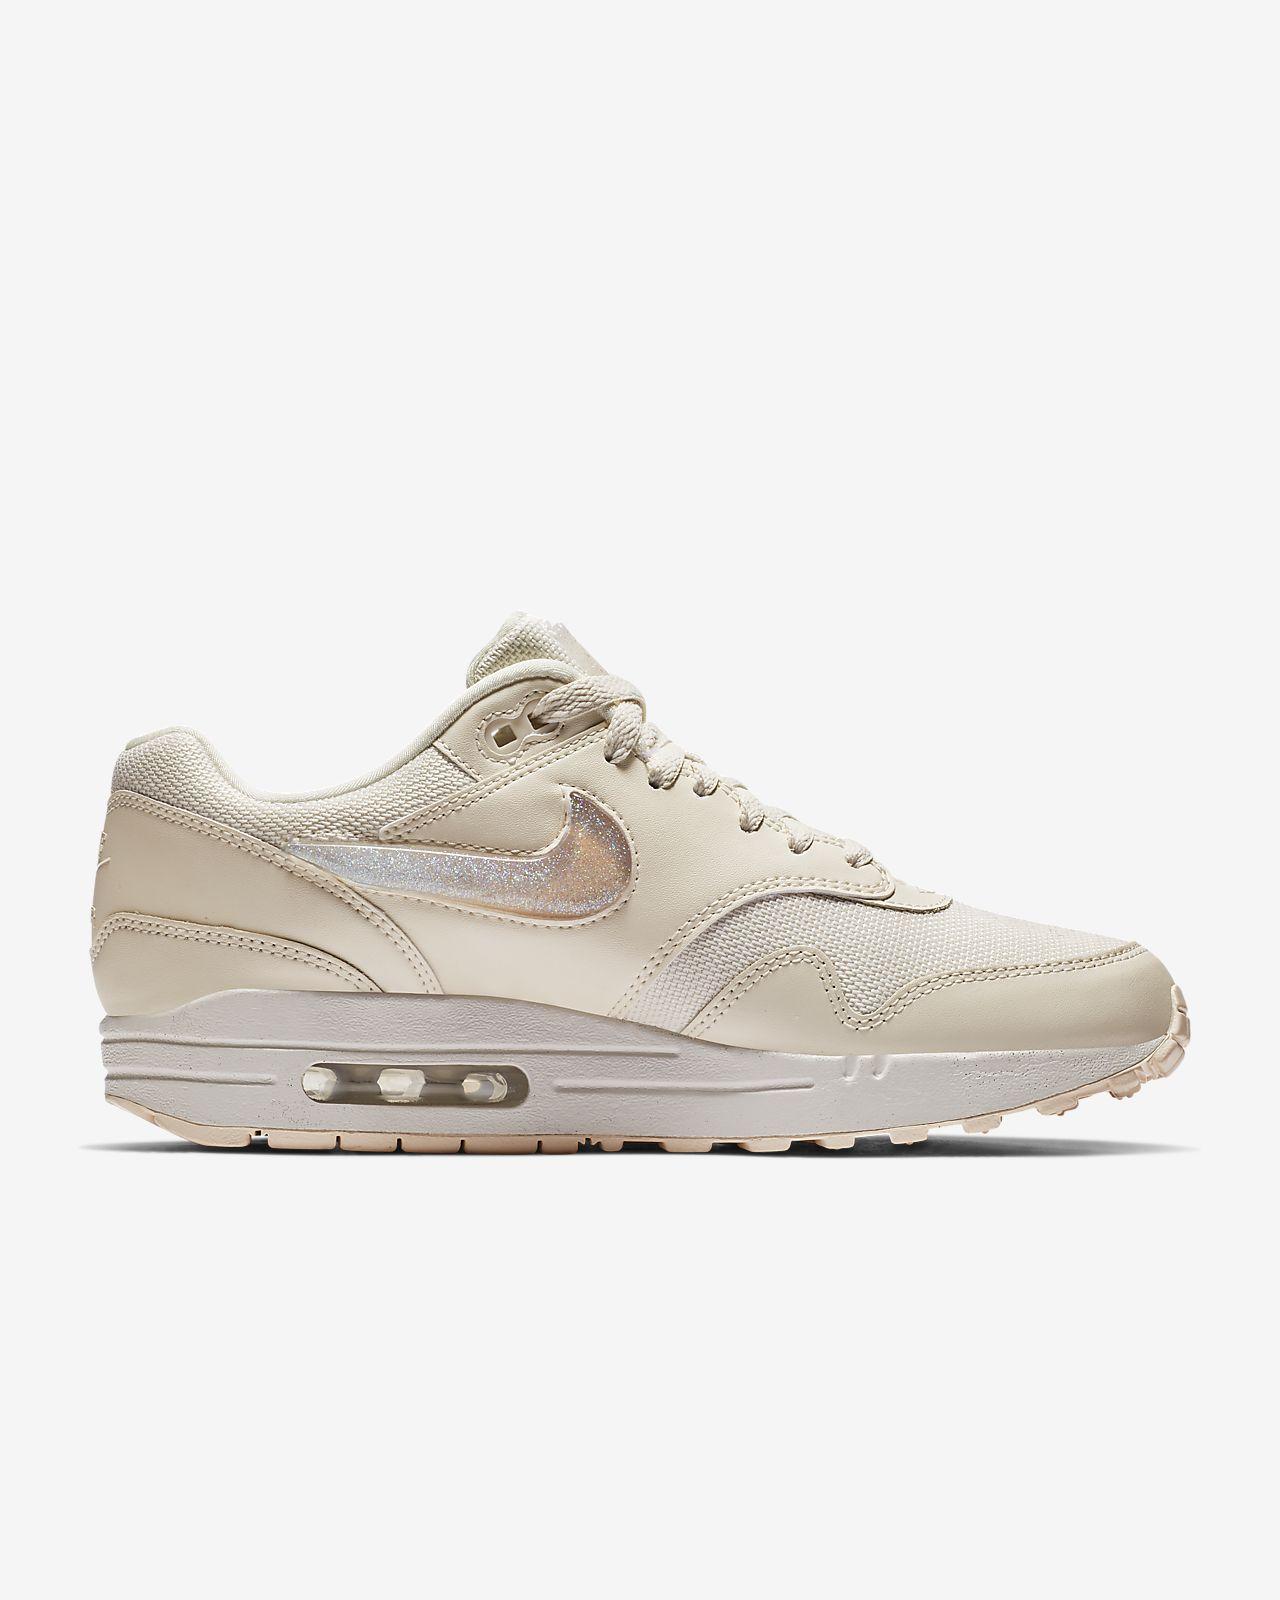 4be58d178c7c Nike Air Max 1 Premium Women s Shoe. Nike.com SG